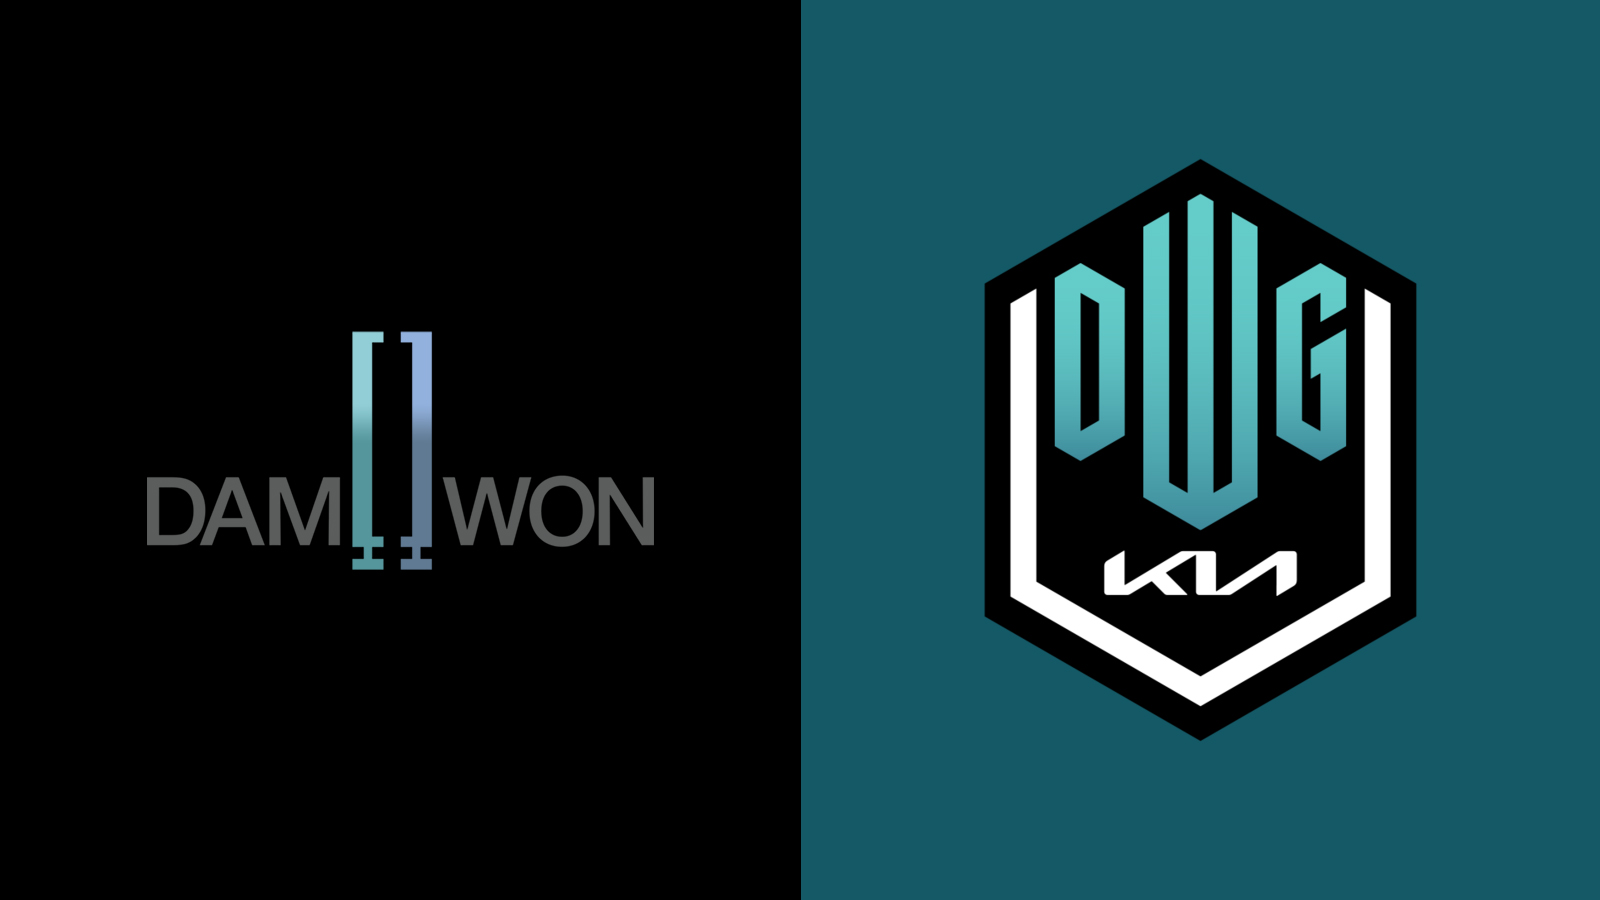 DAMWON Gaming Rebrand